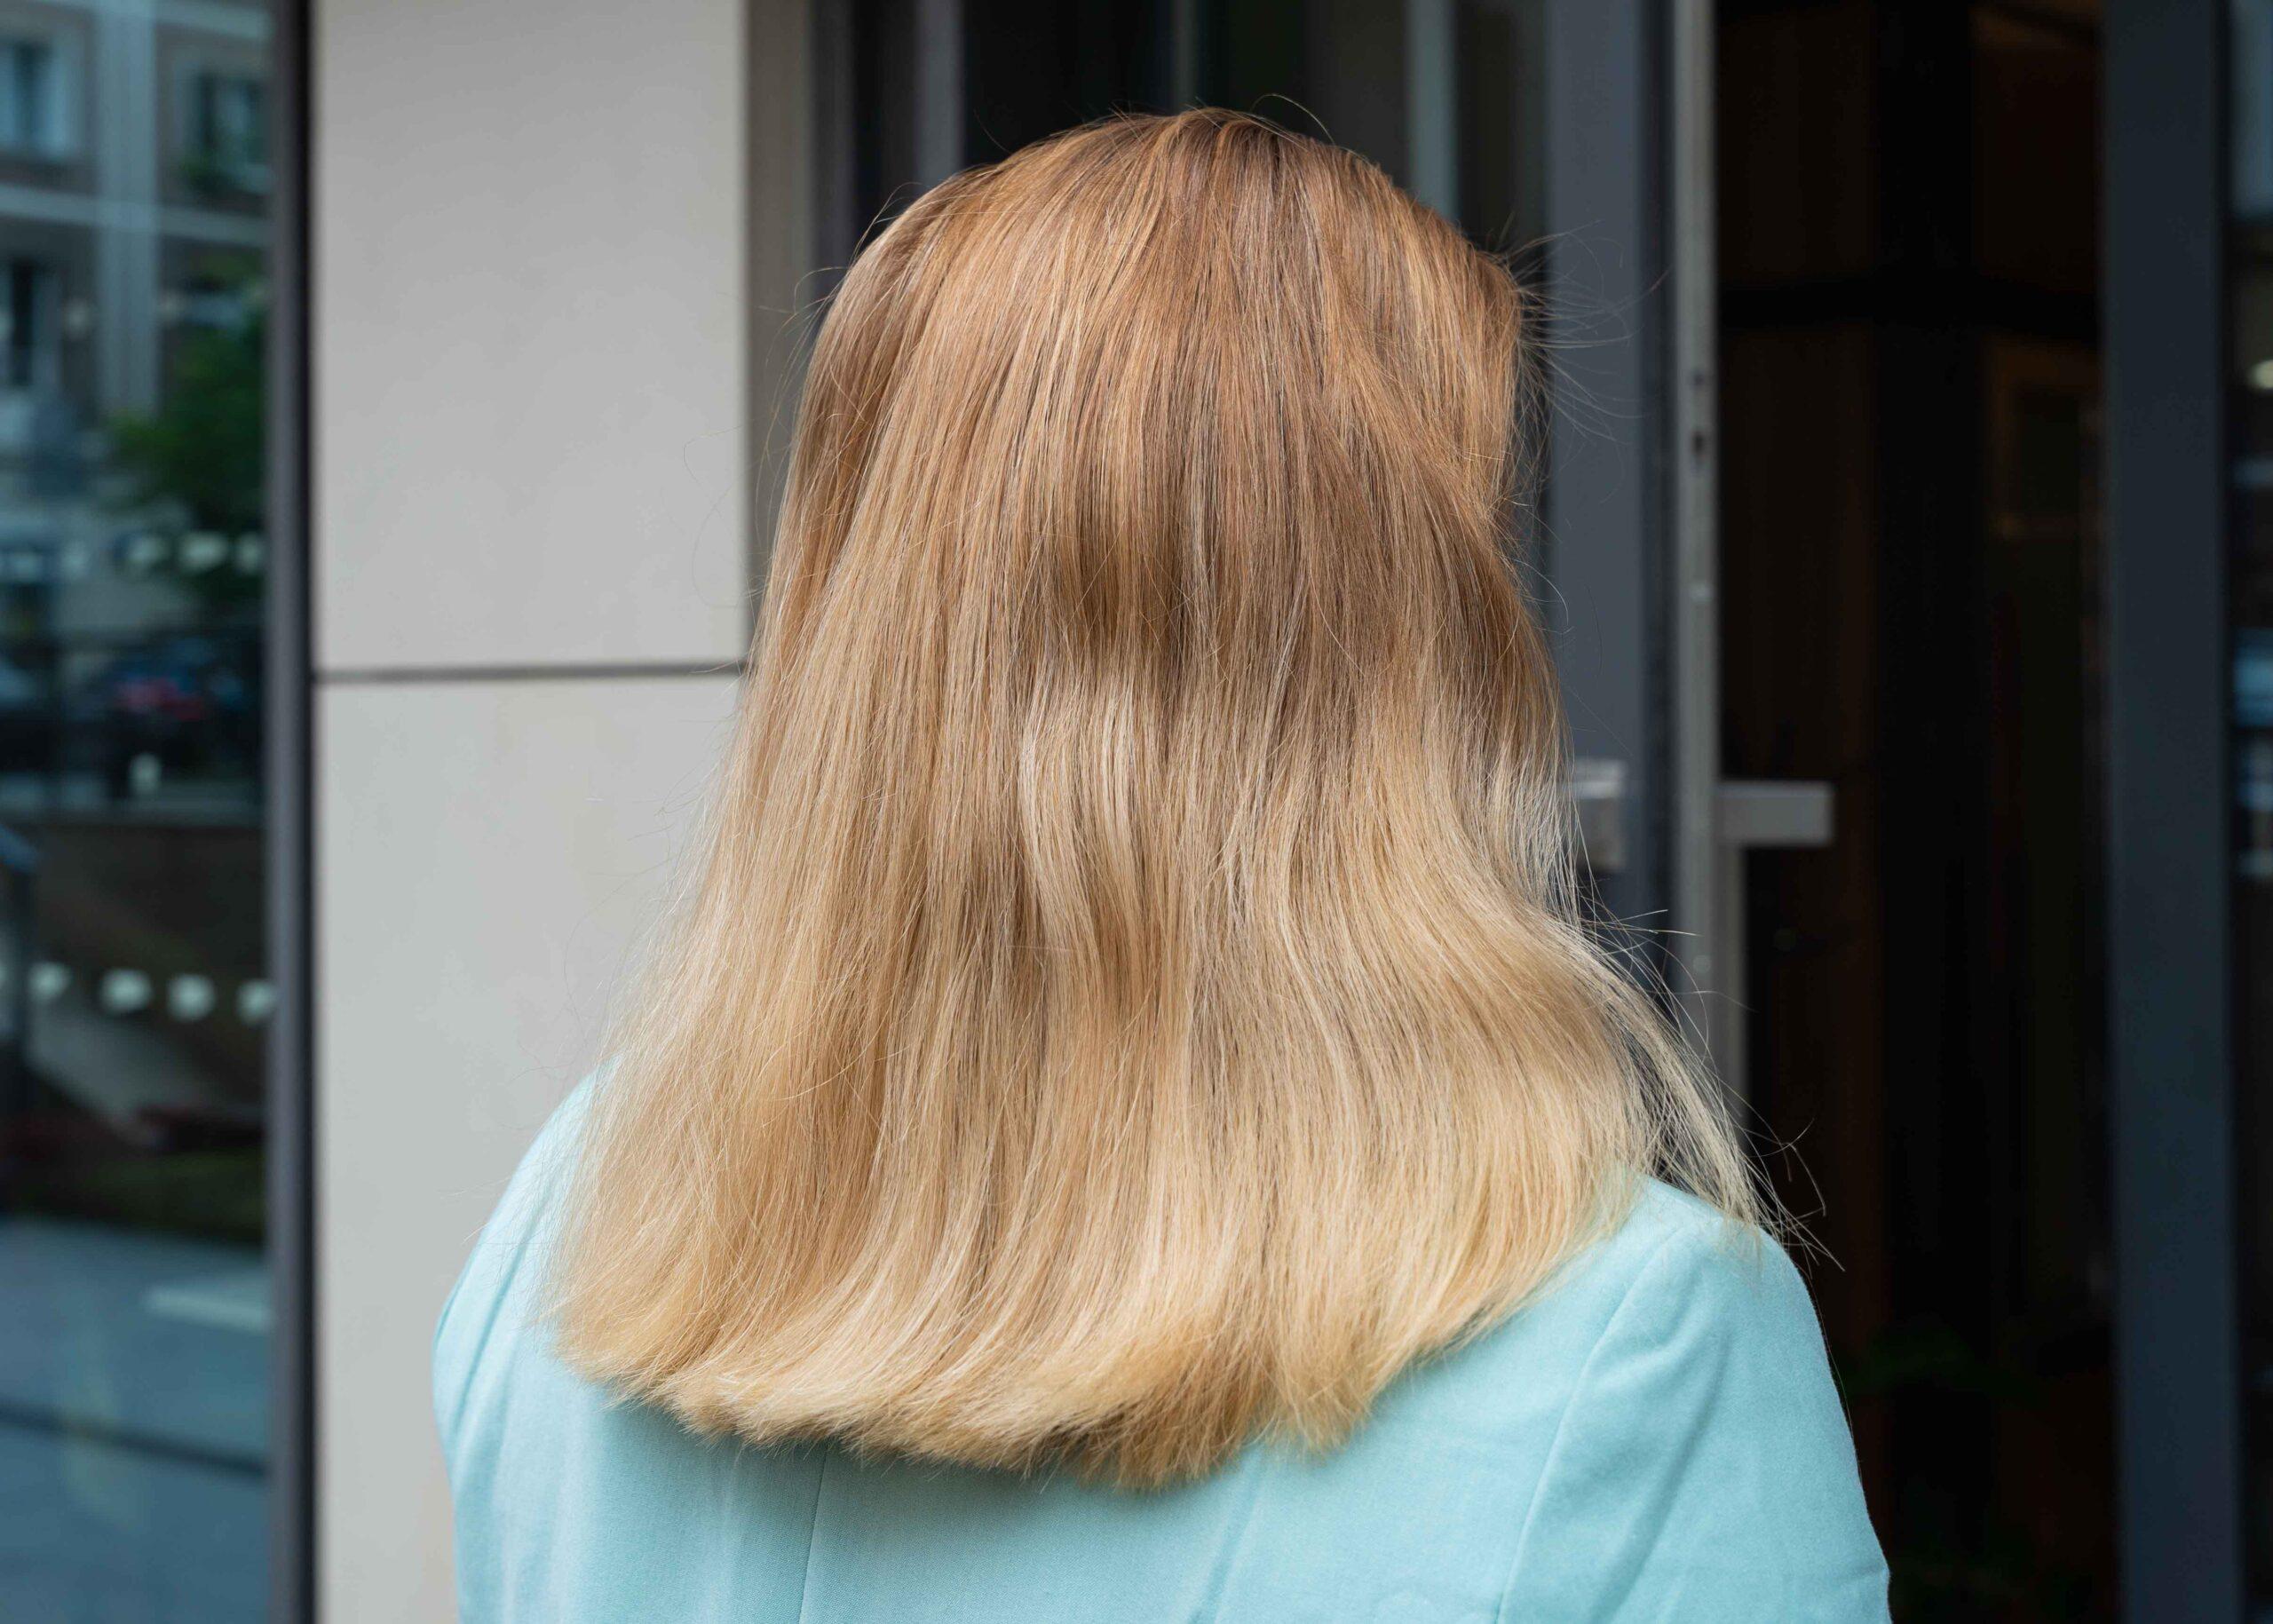 Włosy przed keratynowym prostowaniem